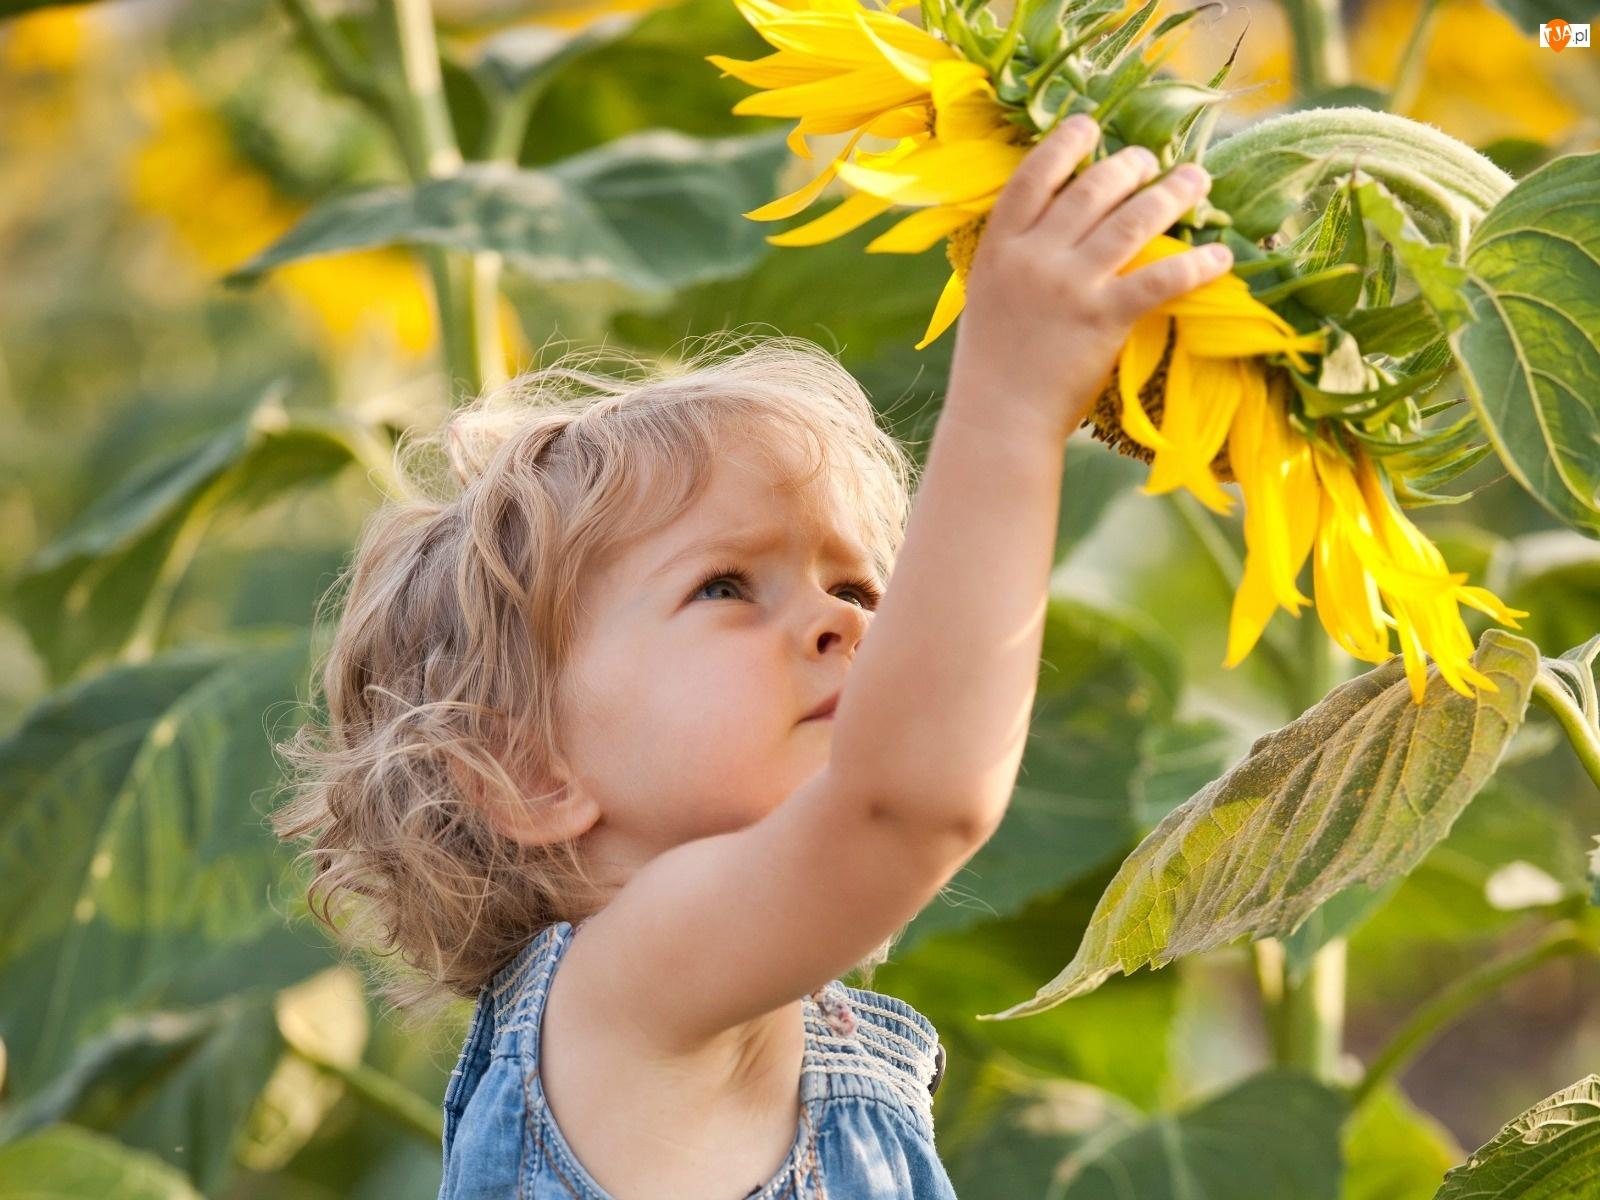 Mała, Słoneczniki, Dziewczynka, Ogród